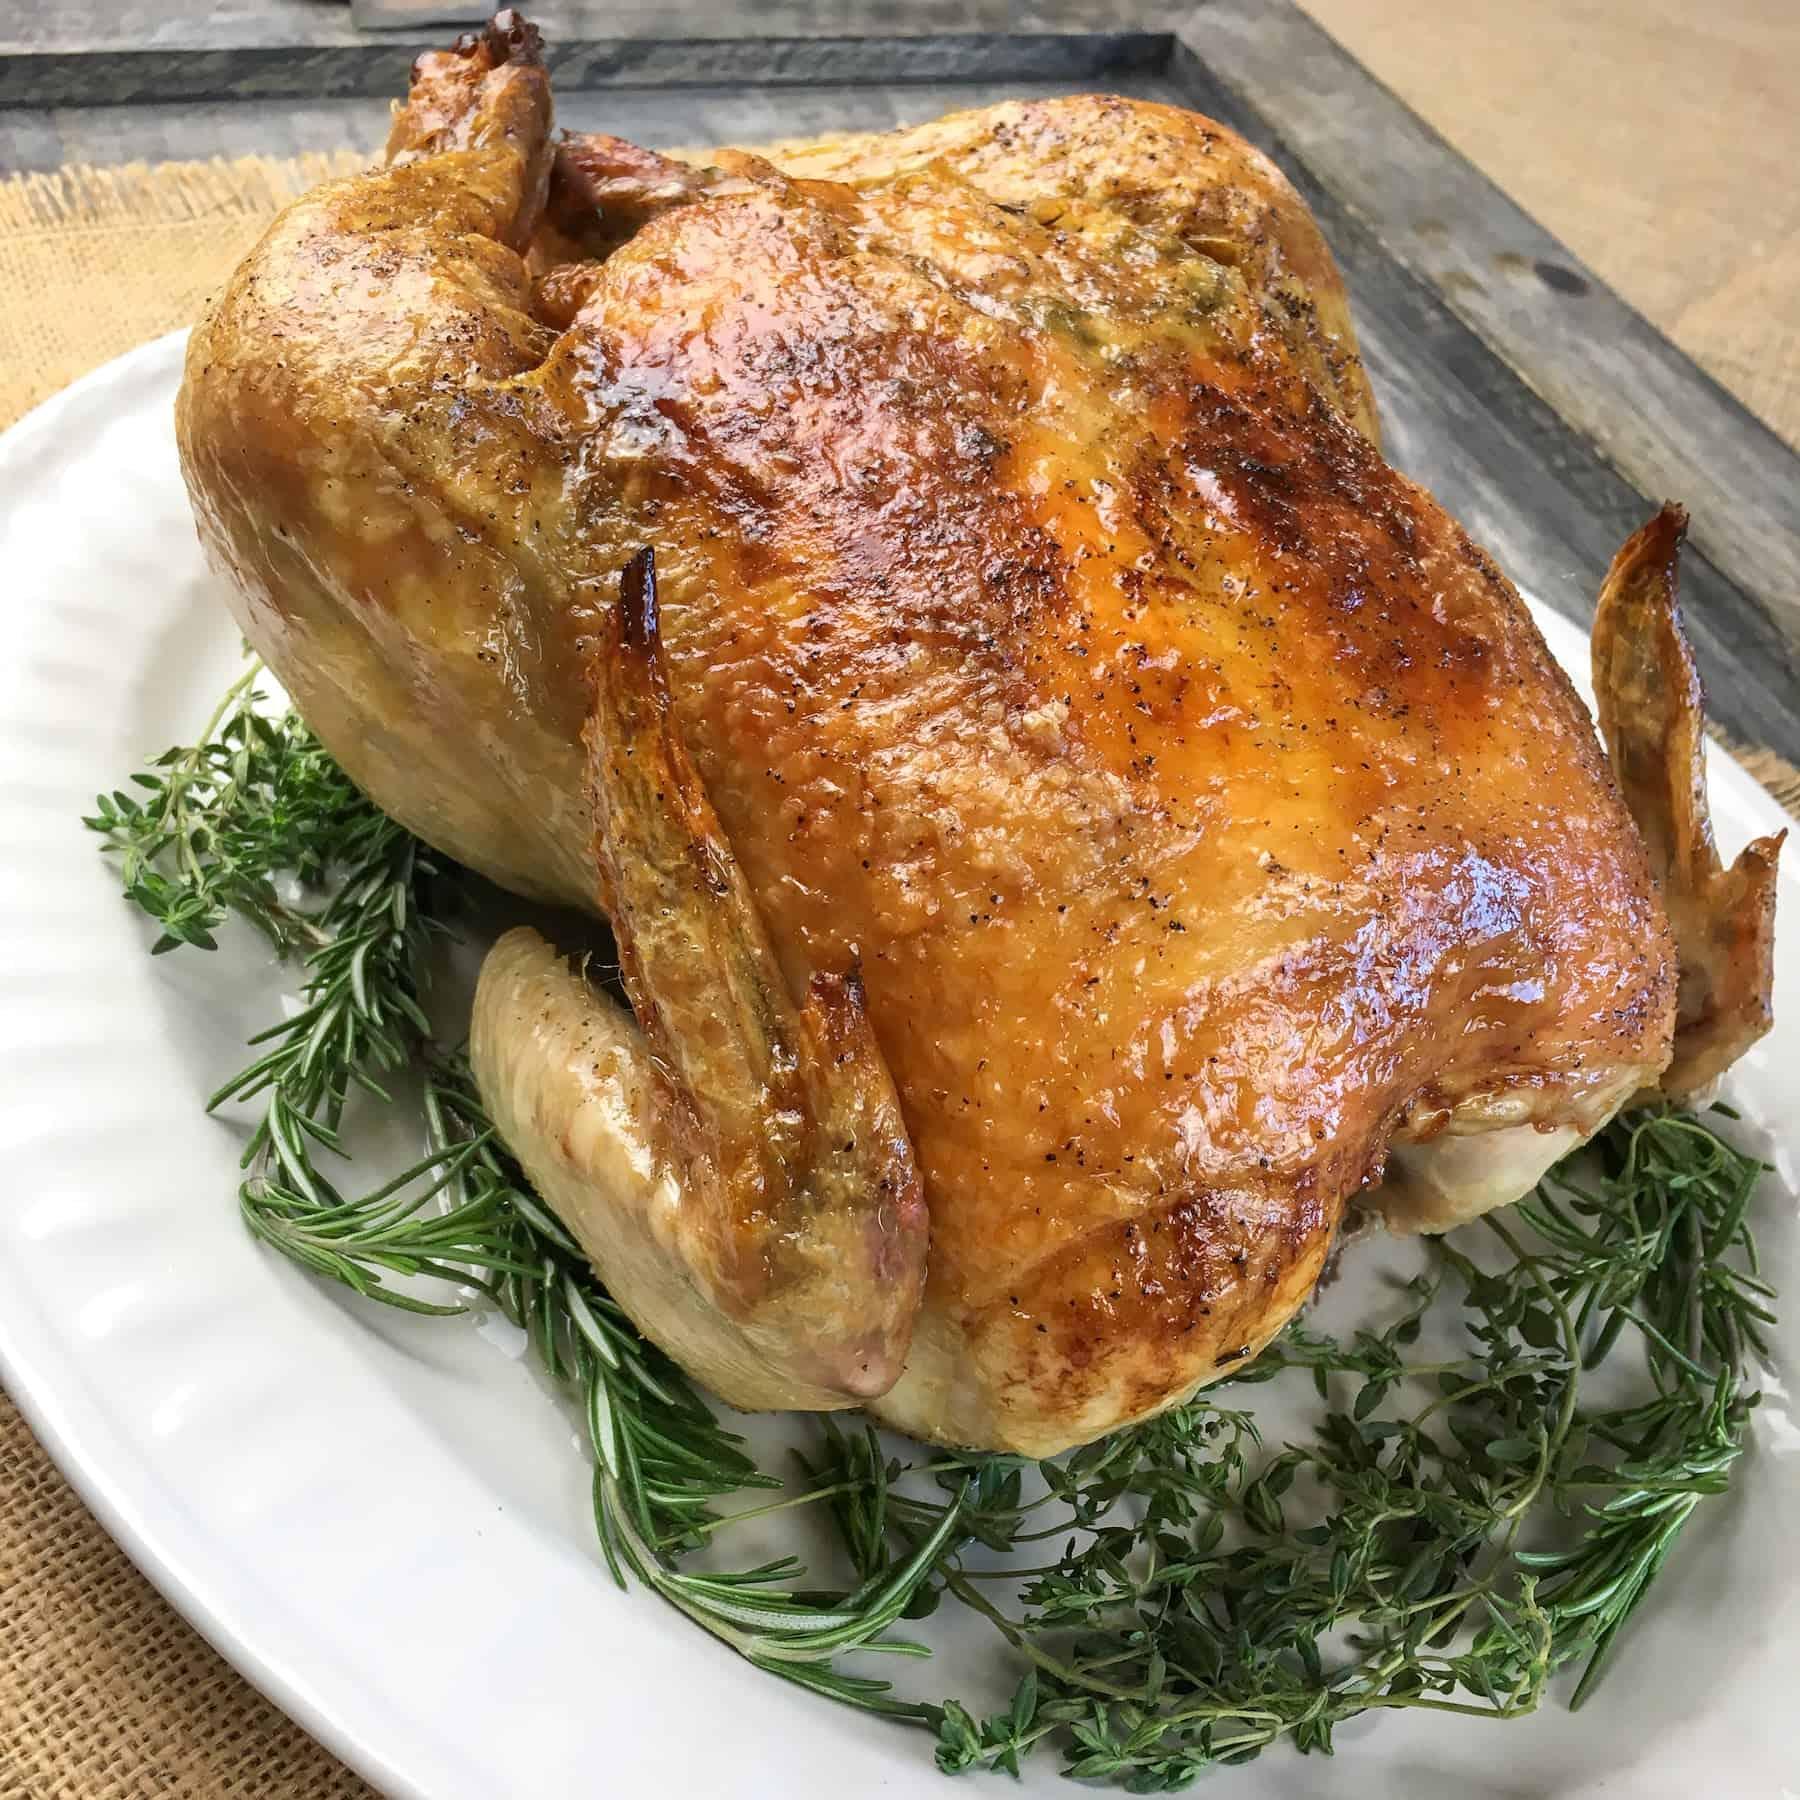 Garlic-Herb Whole Roasted Chicken